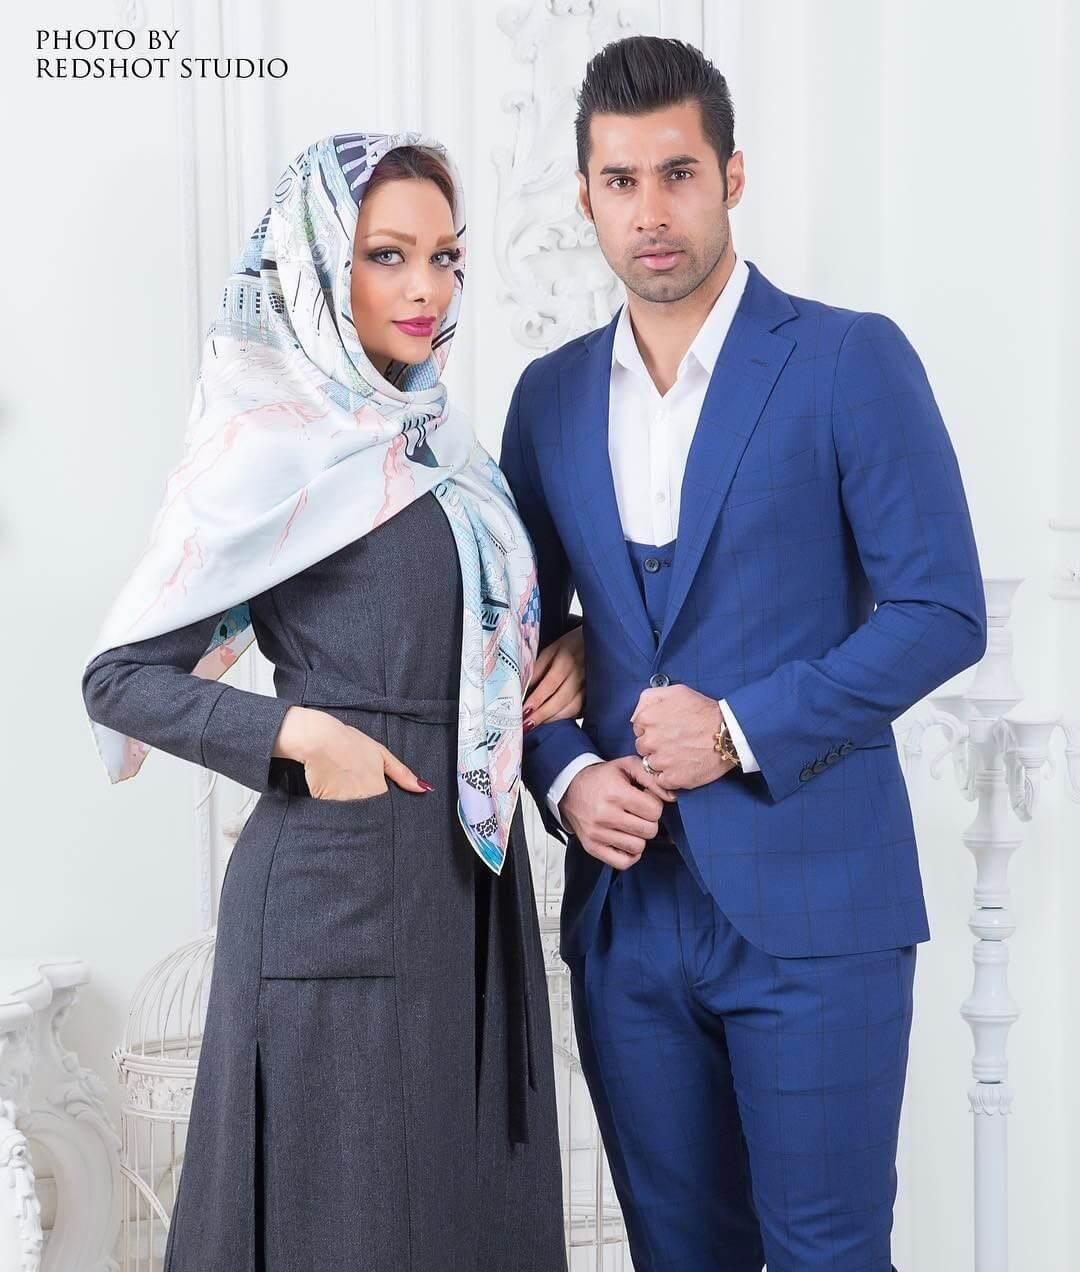 عکس های جنجالی همسر محسن فروزان نسیم که باعث محرومیتش شد